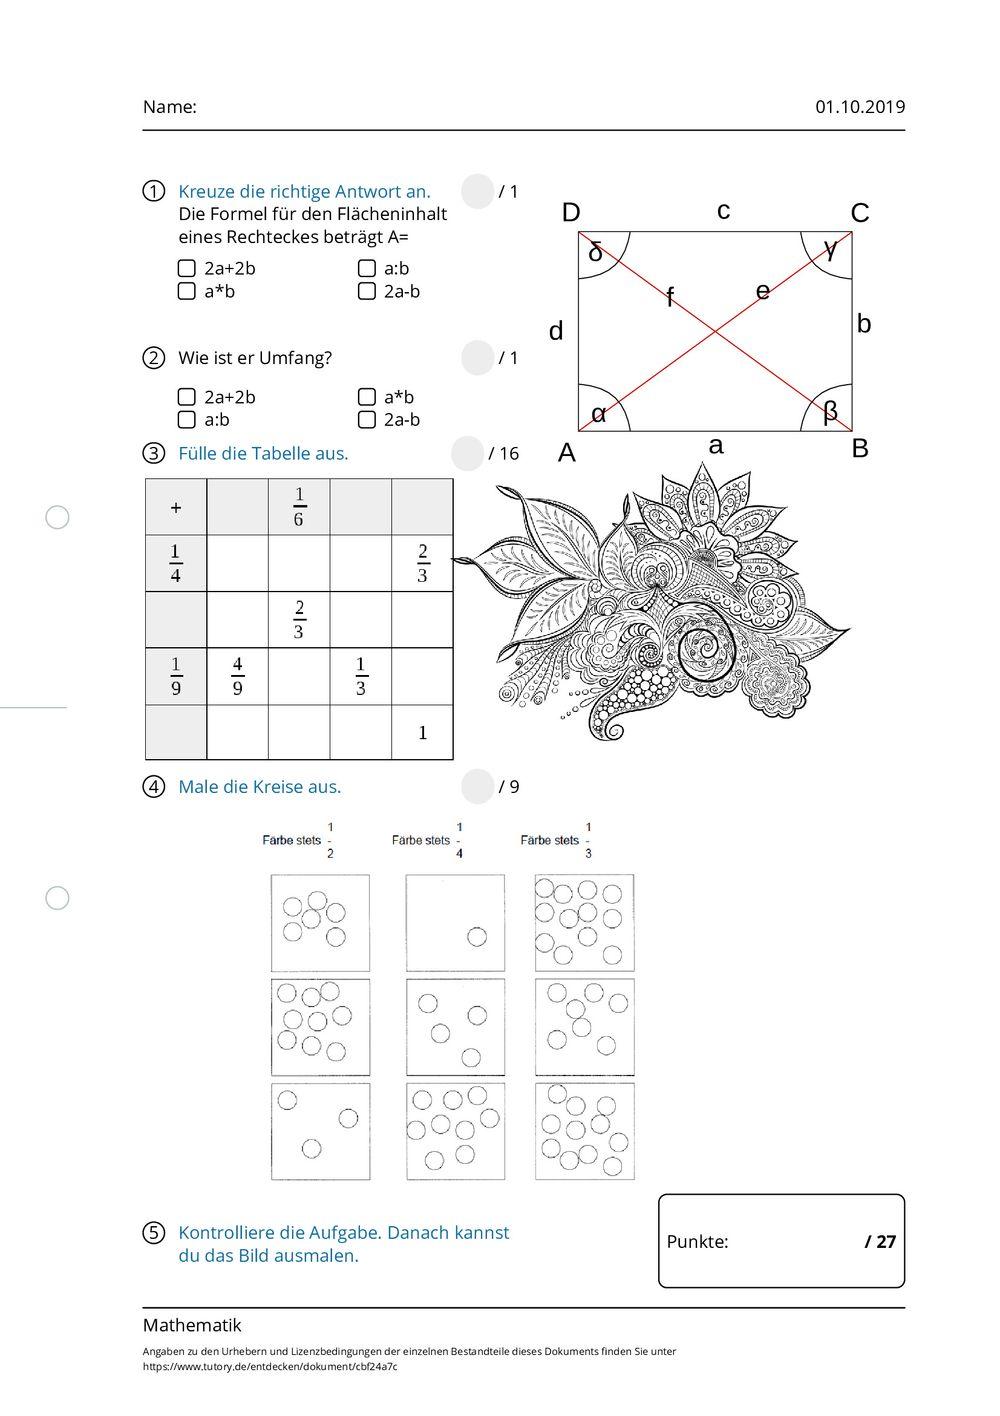 arbeitsblatt   mathematik  tutoryde